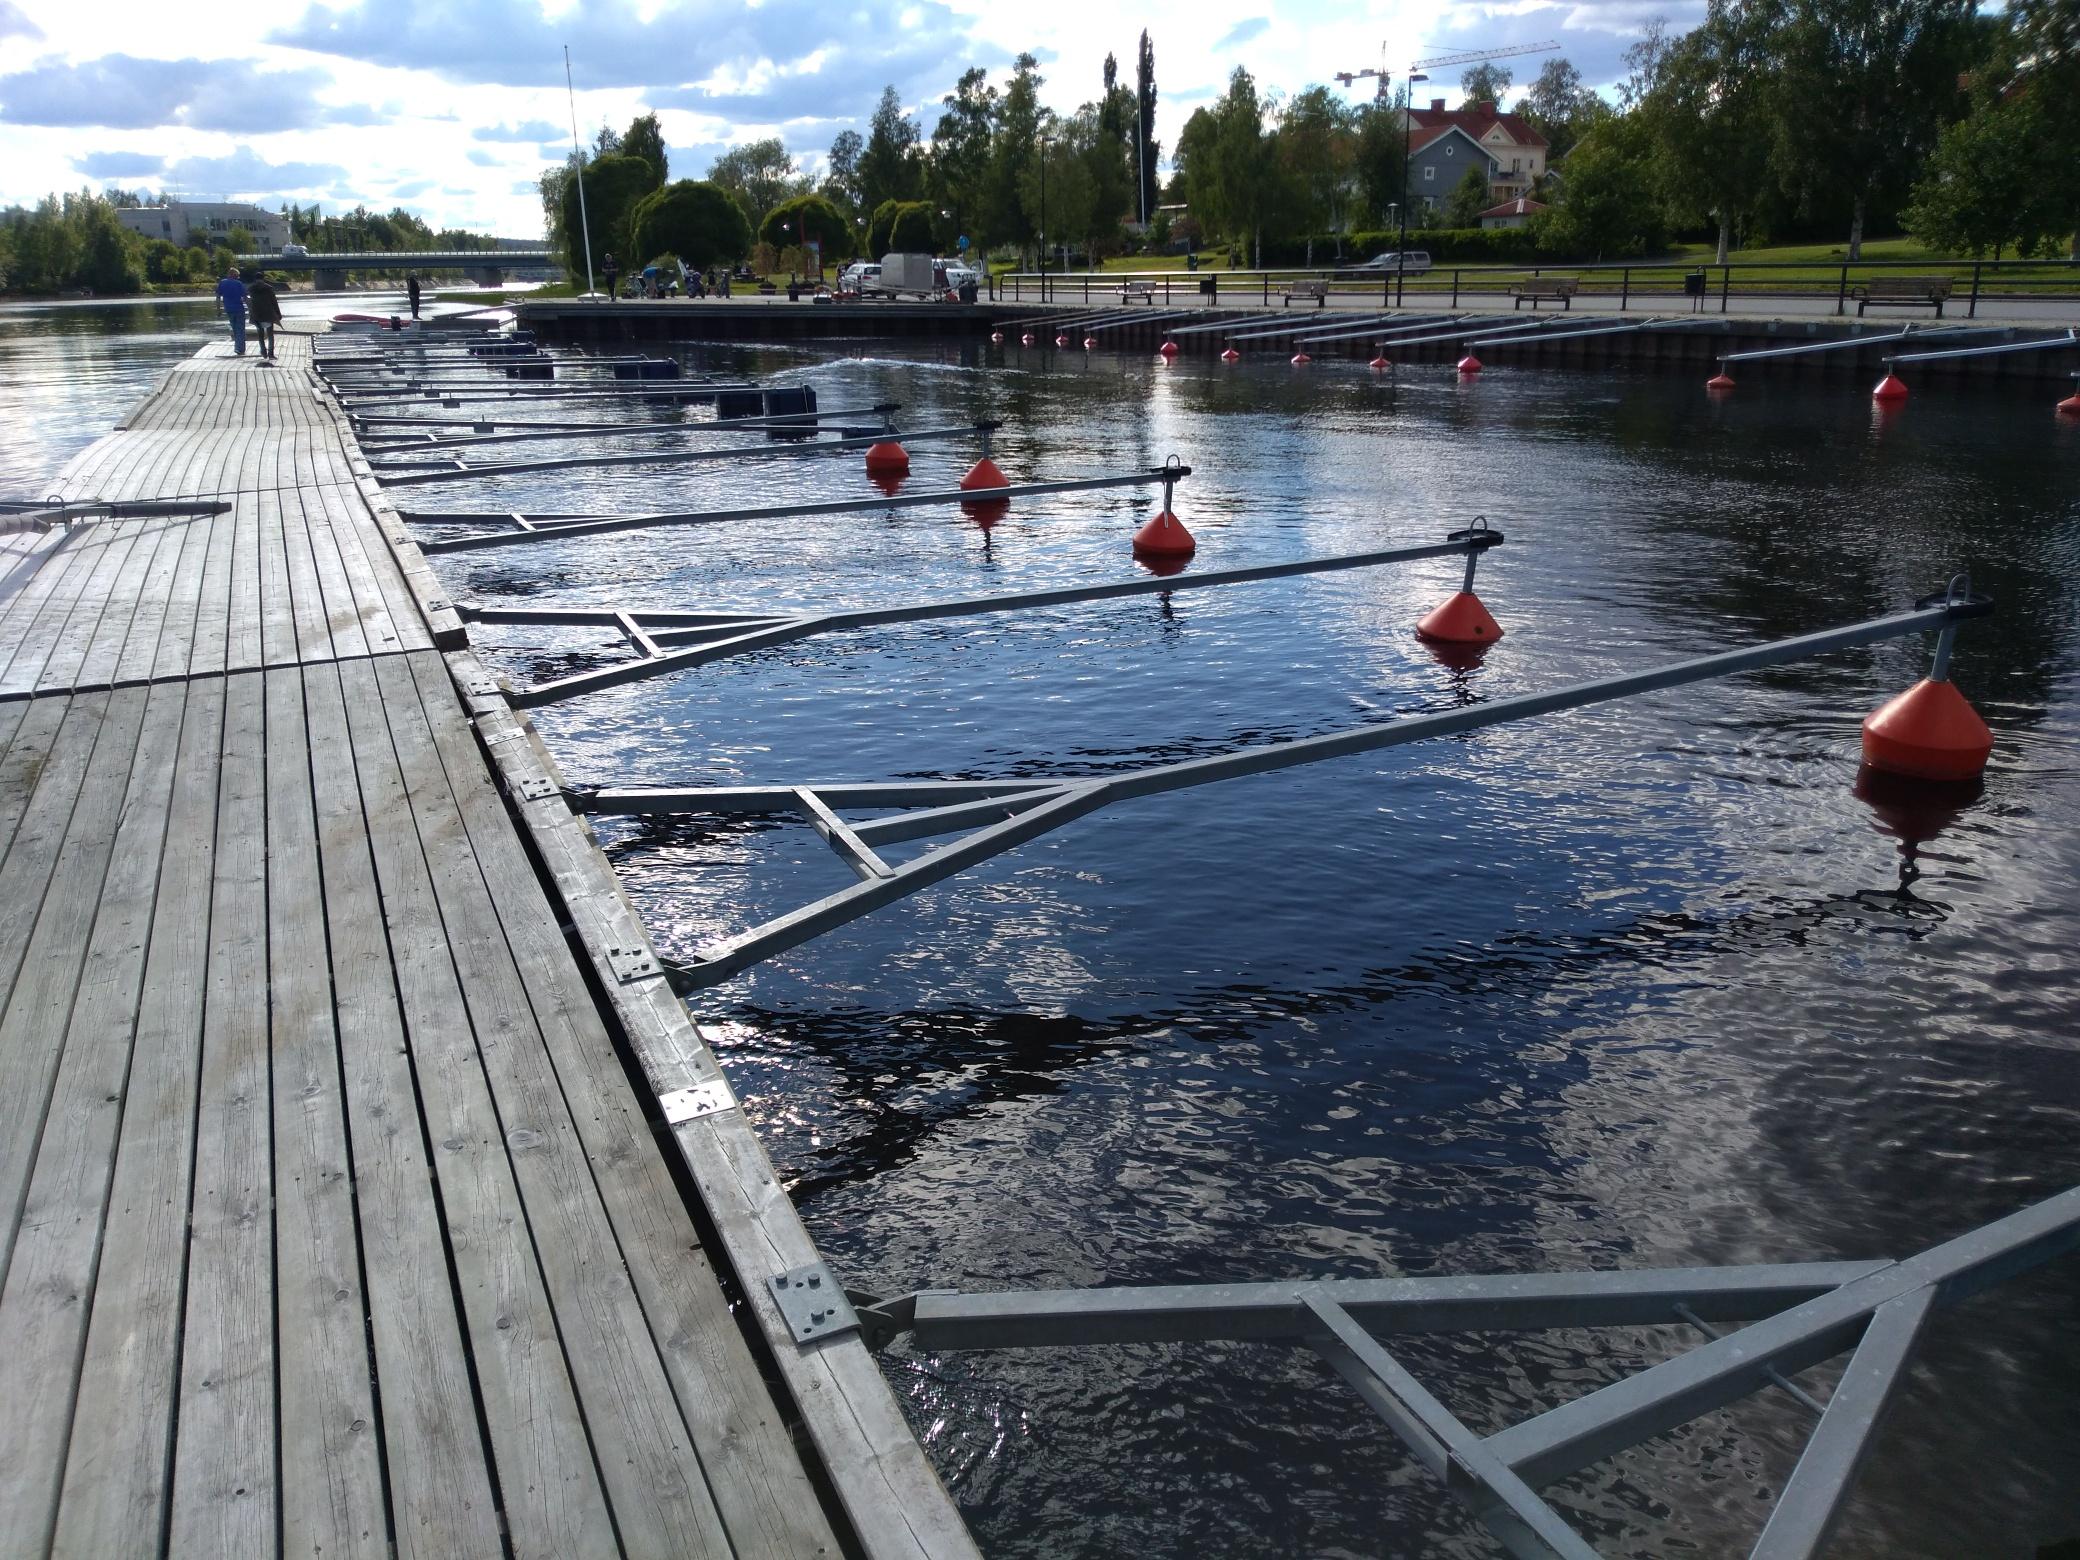 Manhemskajen Marina - Vi erbjuder praktiska och säkra båtplatser för den som önskar ha sin båt liggande vid vår marina i centrala Skellefteå. Vi har ungefär 55 platser till rimliga säsongspriser. Välj mellan kajen och vår långa brygga. Kontakta oss för mer information.